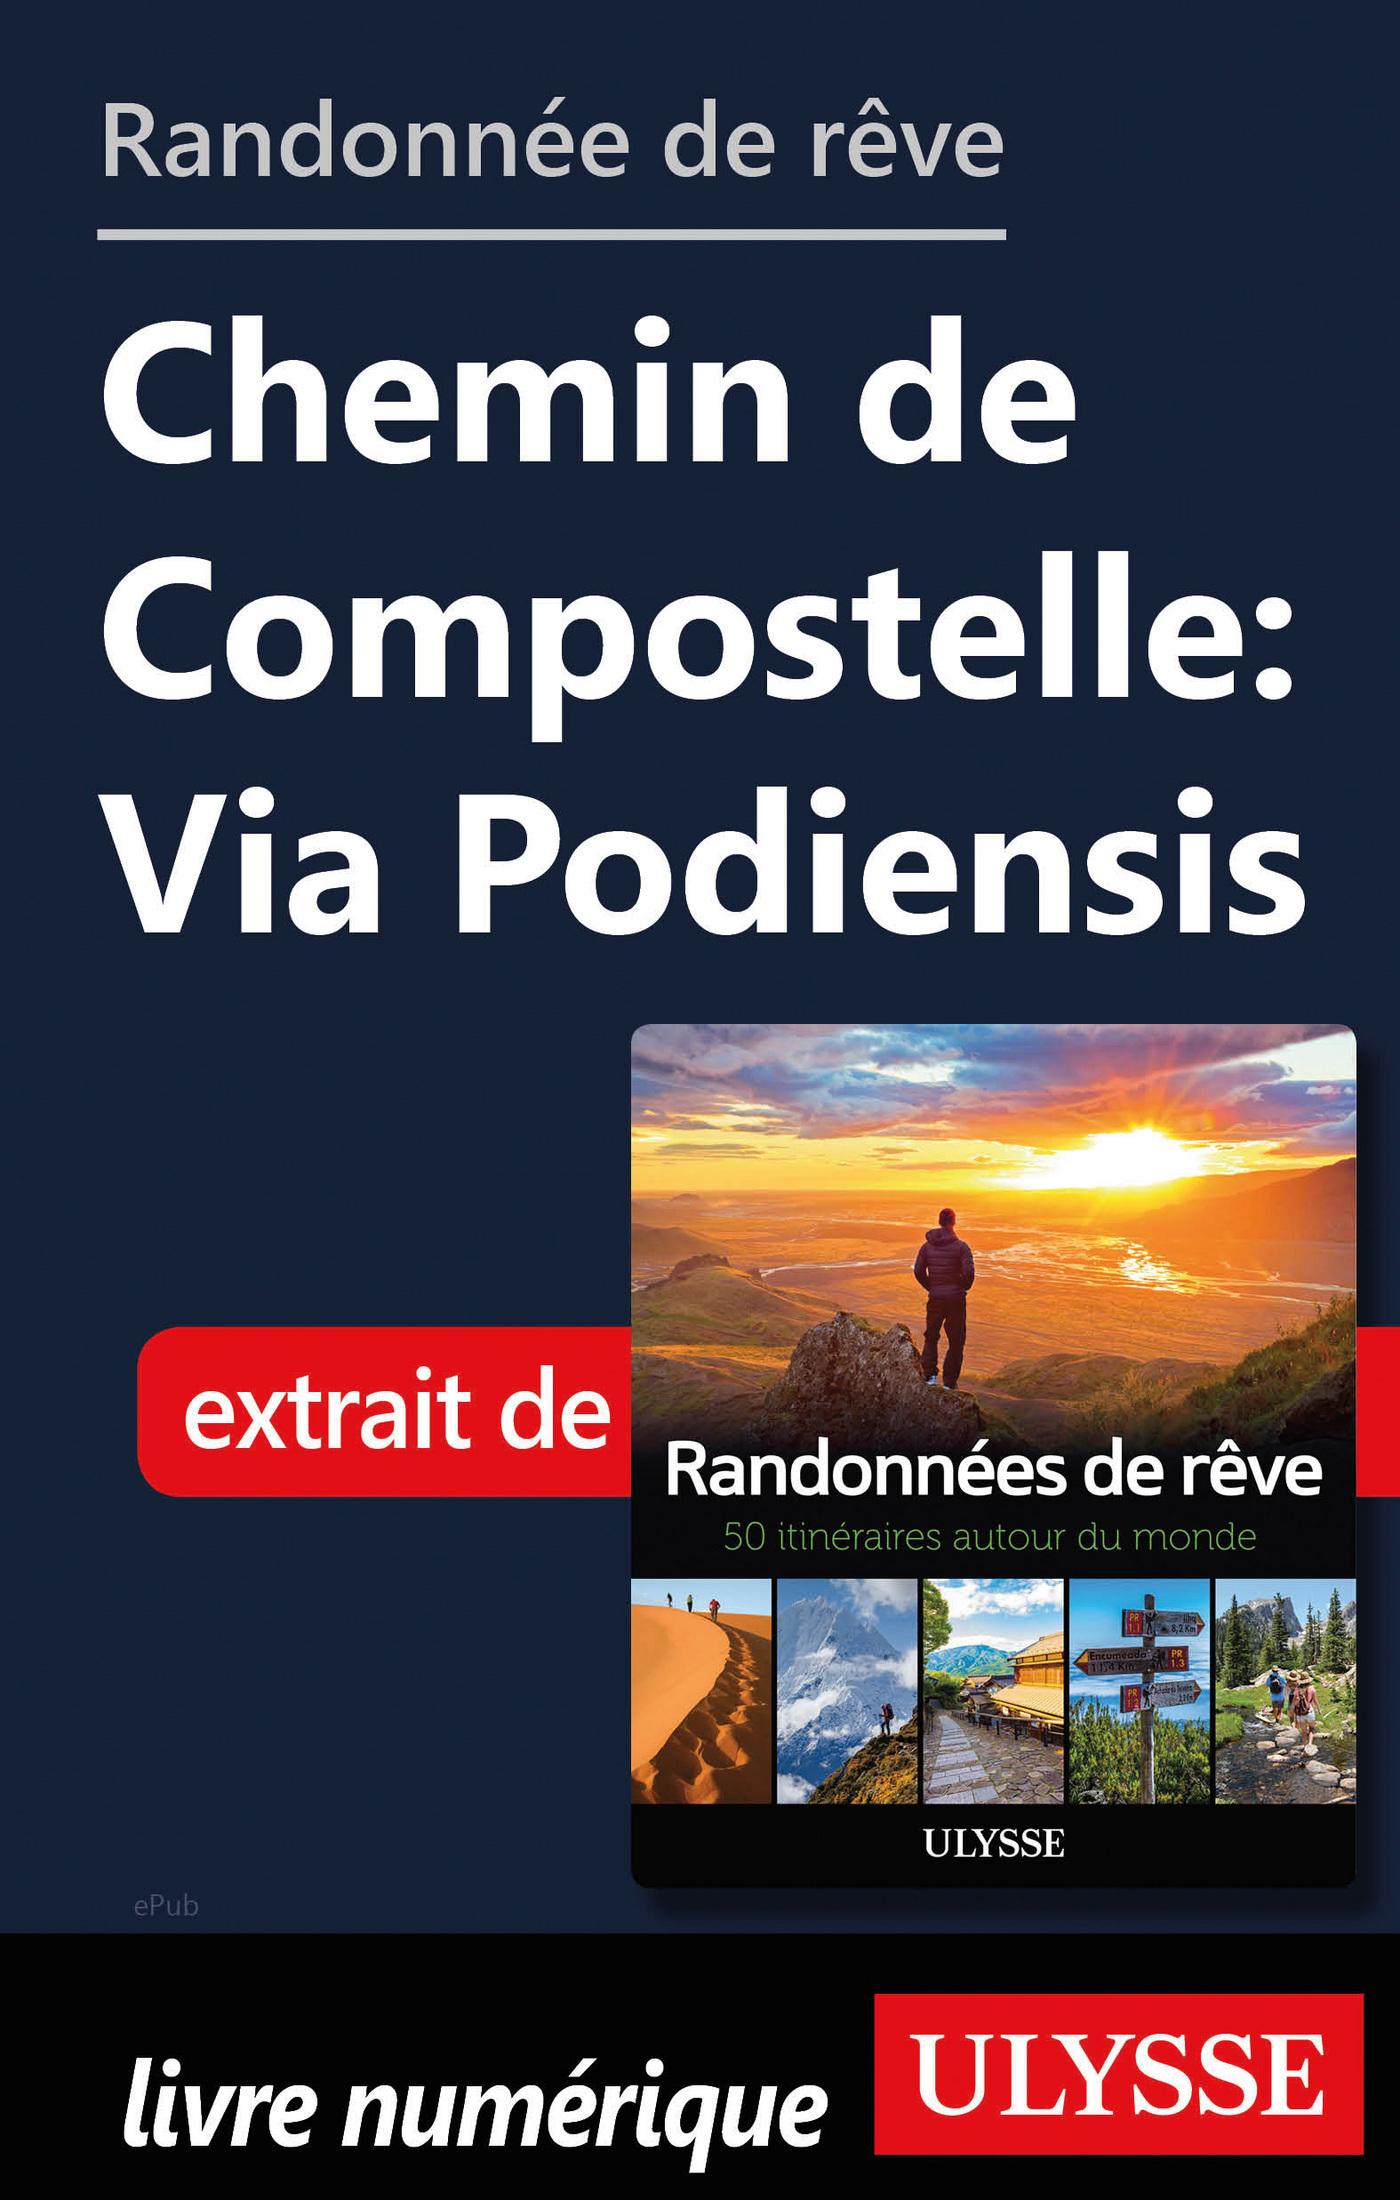 Randonnée de rêve - Chemin de Compostelle : via Podiensis